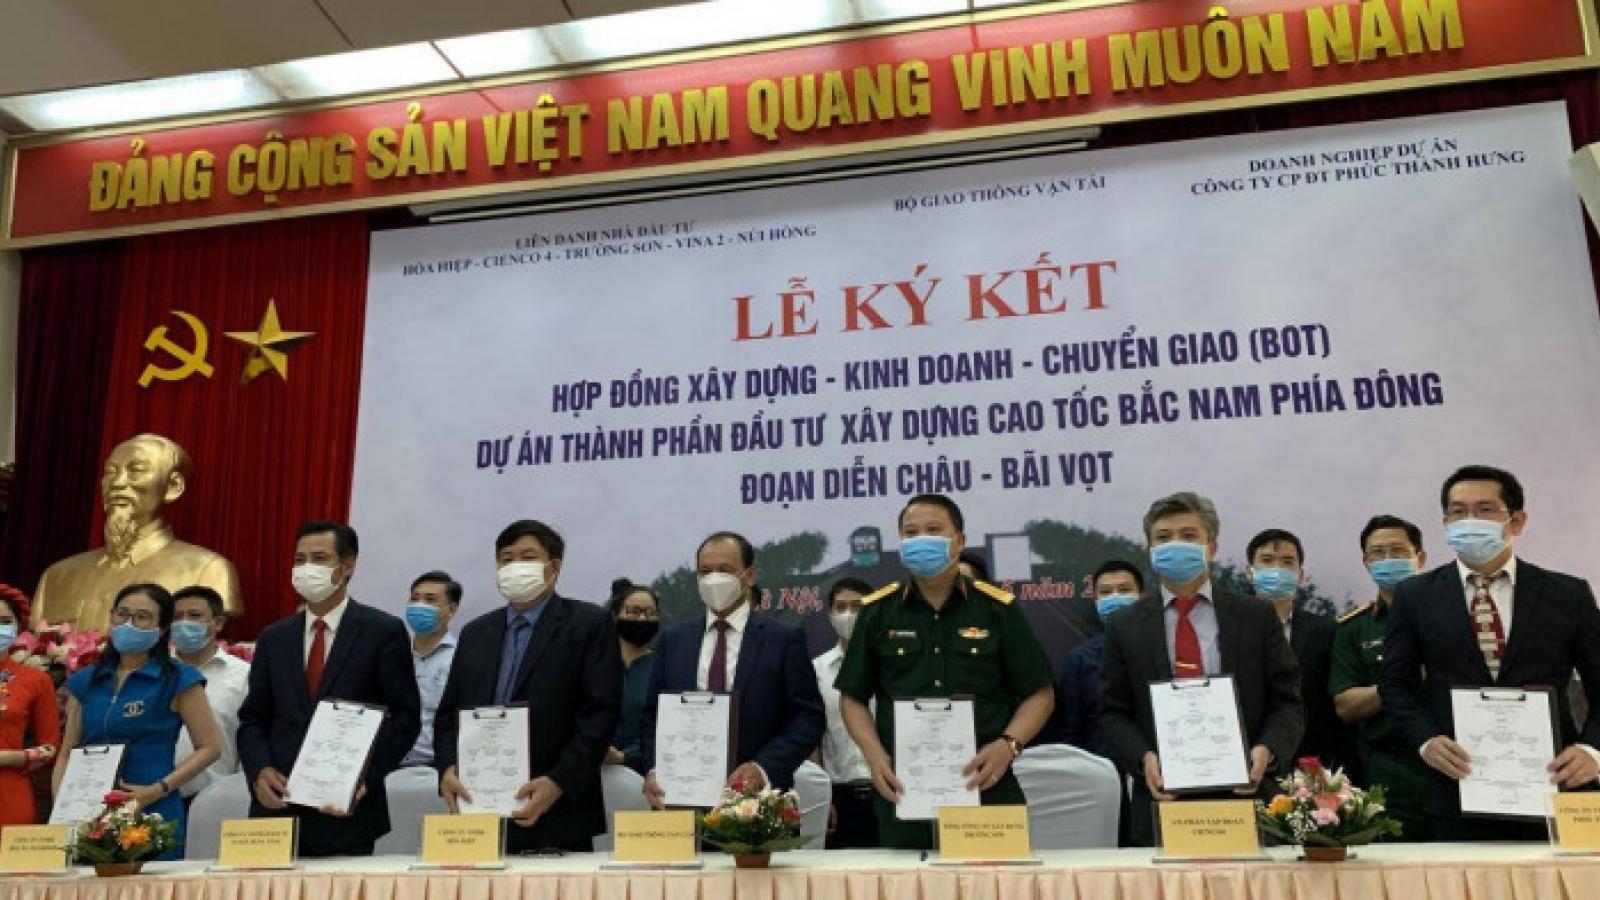 Ký kết dự án PPP cao tốc Bắc Nam đoạn Diễn Châu - Bãi Vọt 11.157 tỷ đồng